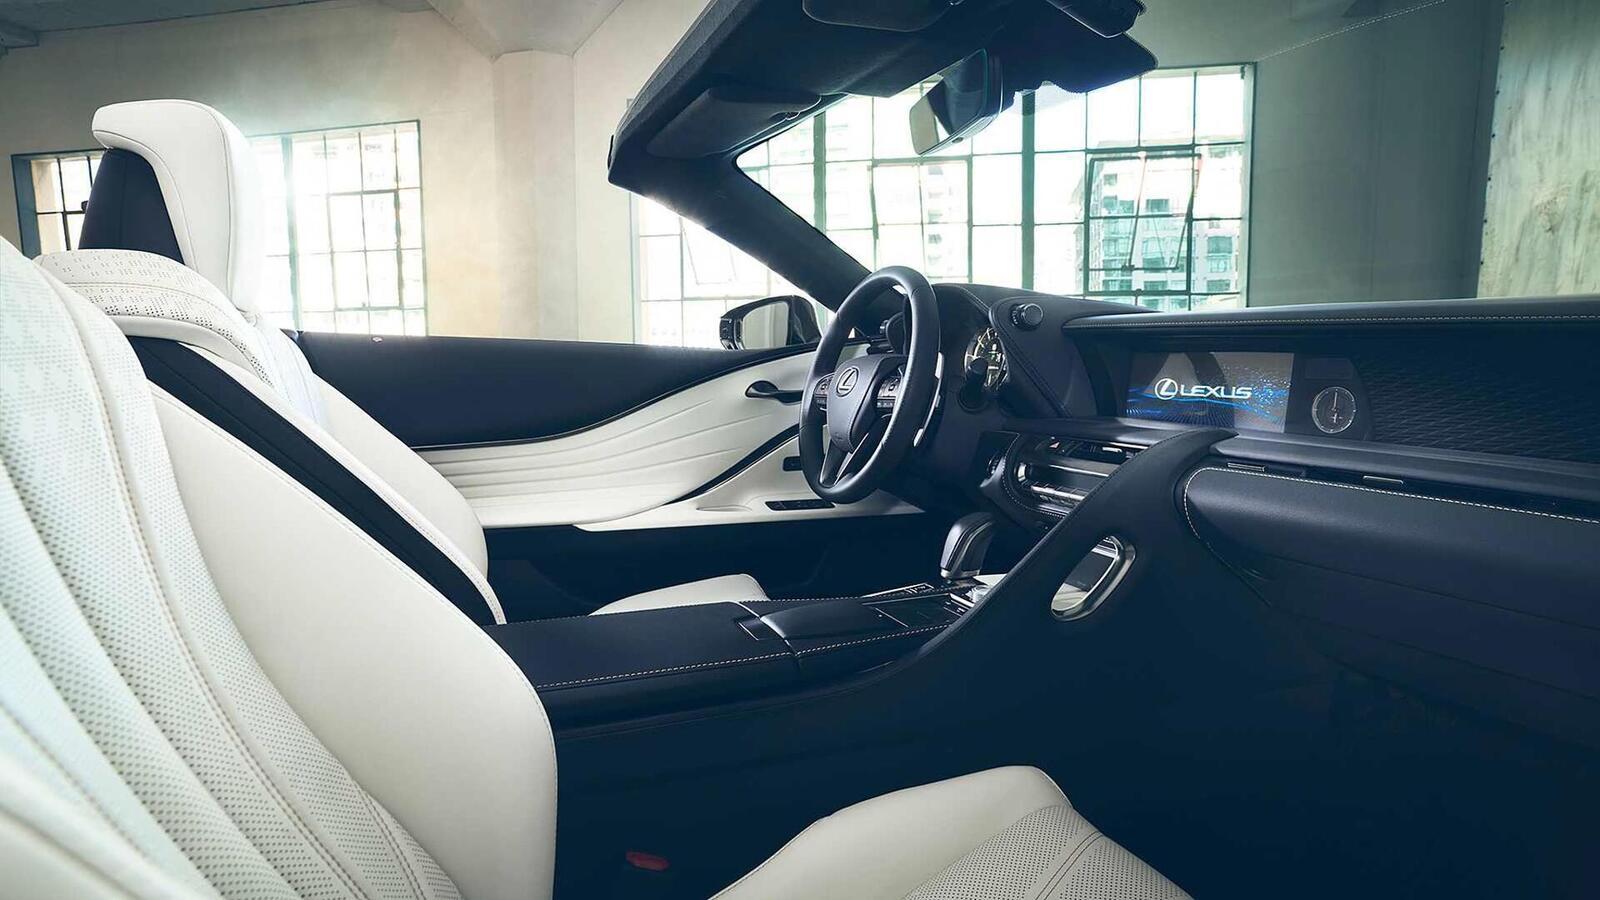 Lexus LC Convertible Concept 2020 sắp ra mắt tại Triển Lãm ô tô Quốc Tế Bắc Mỹ 2019 - Hình 11